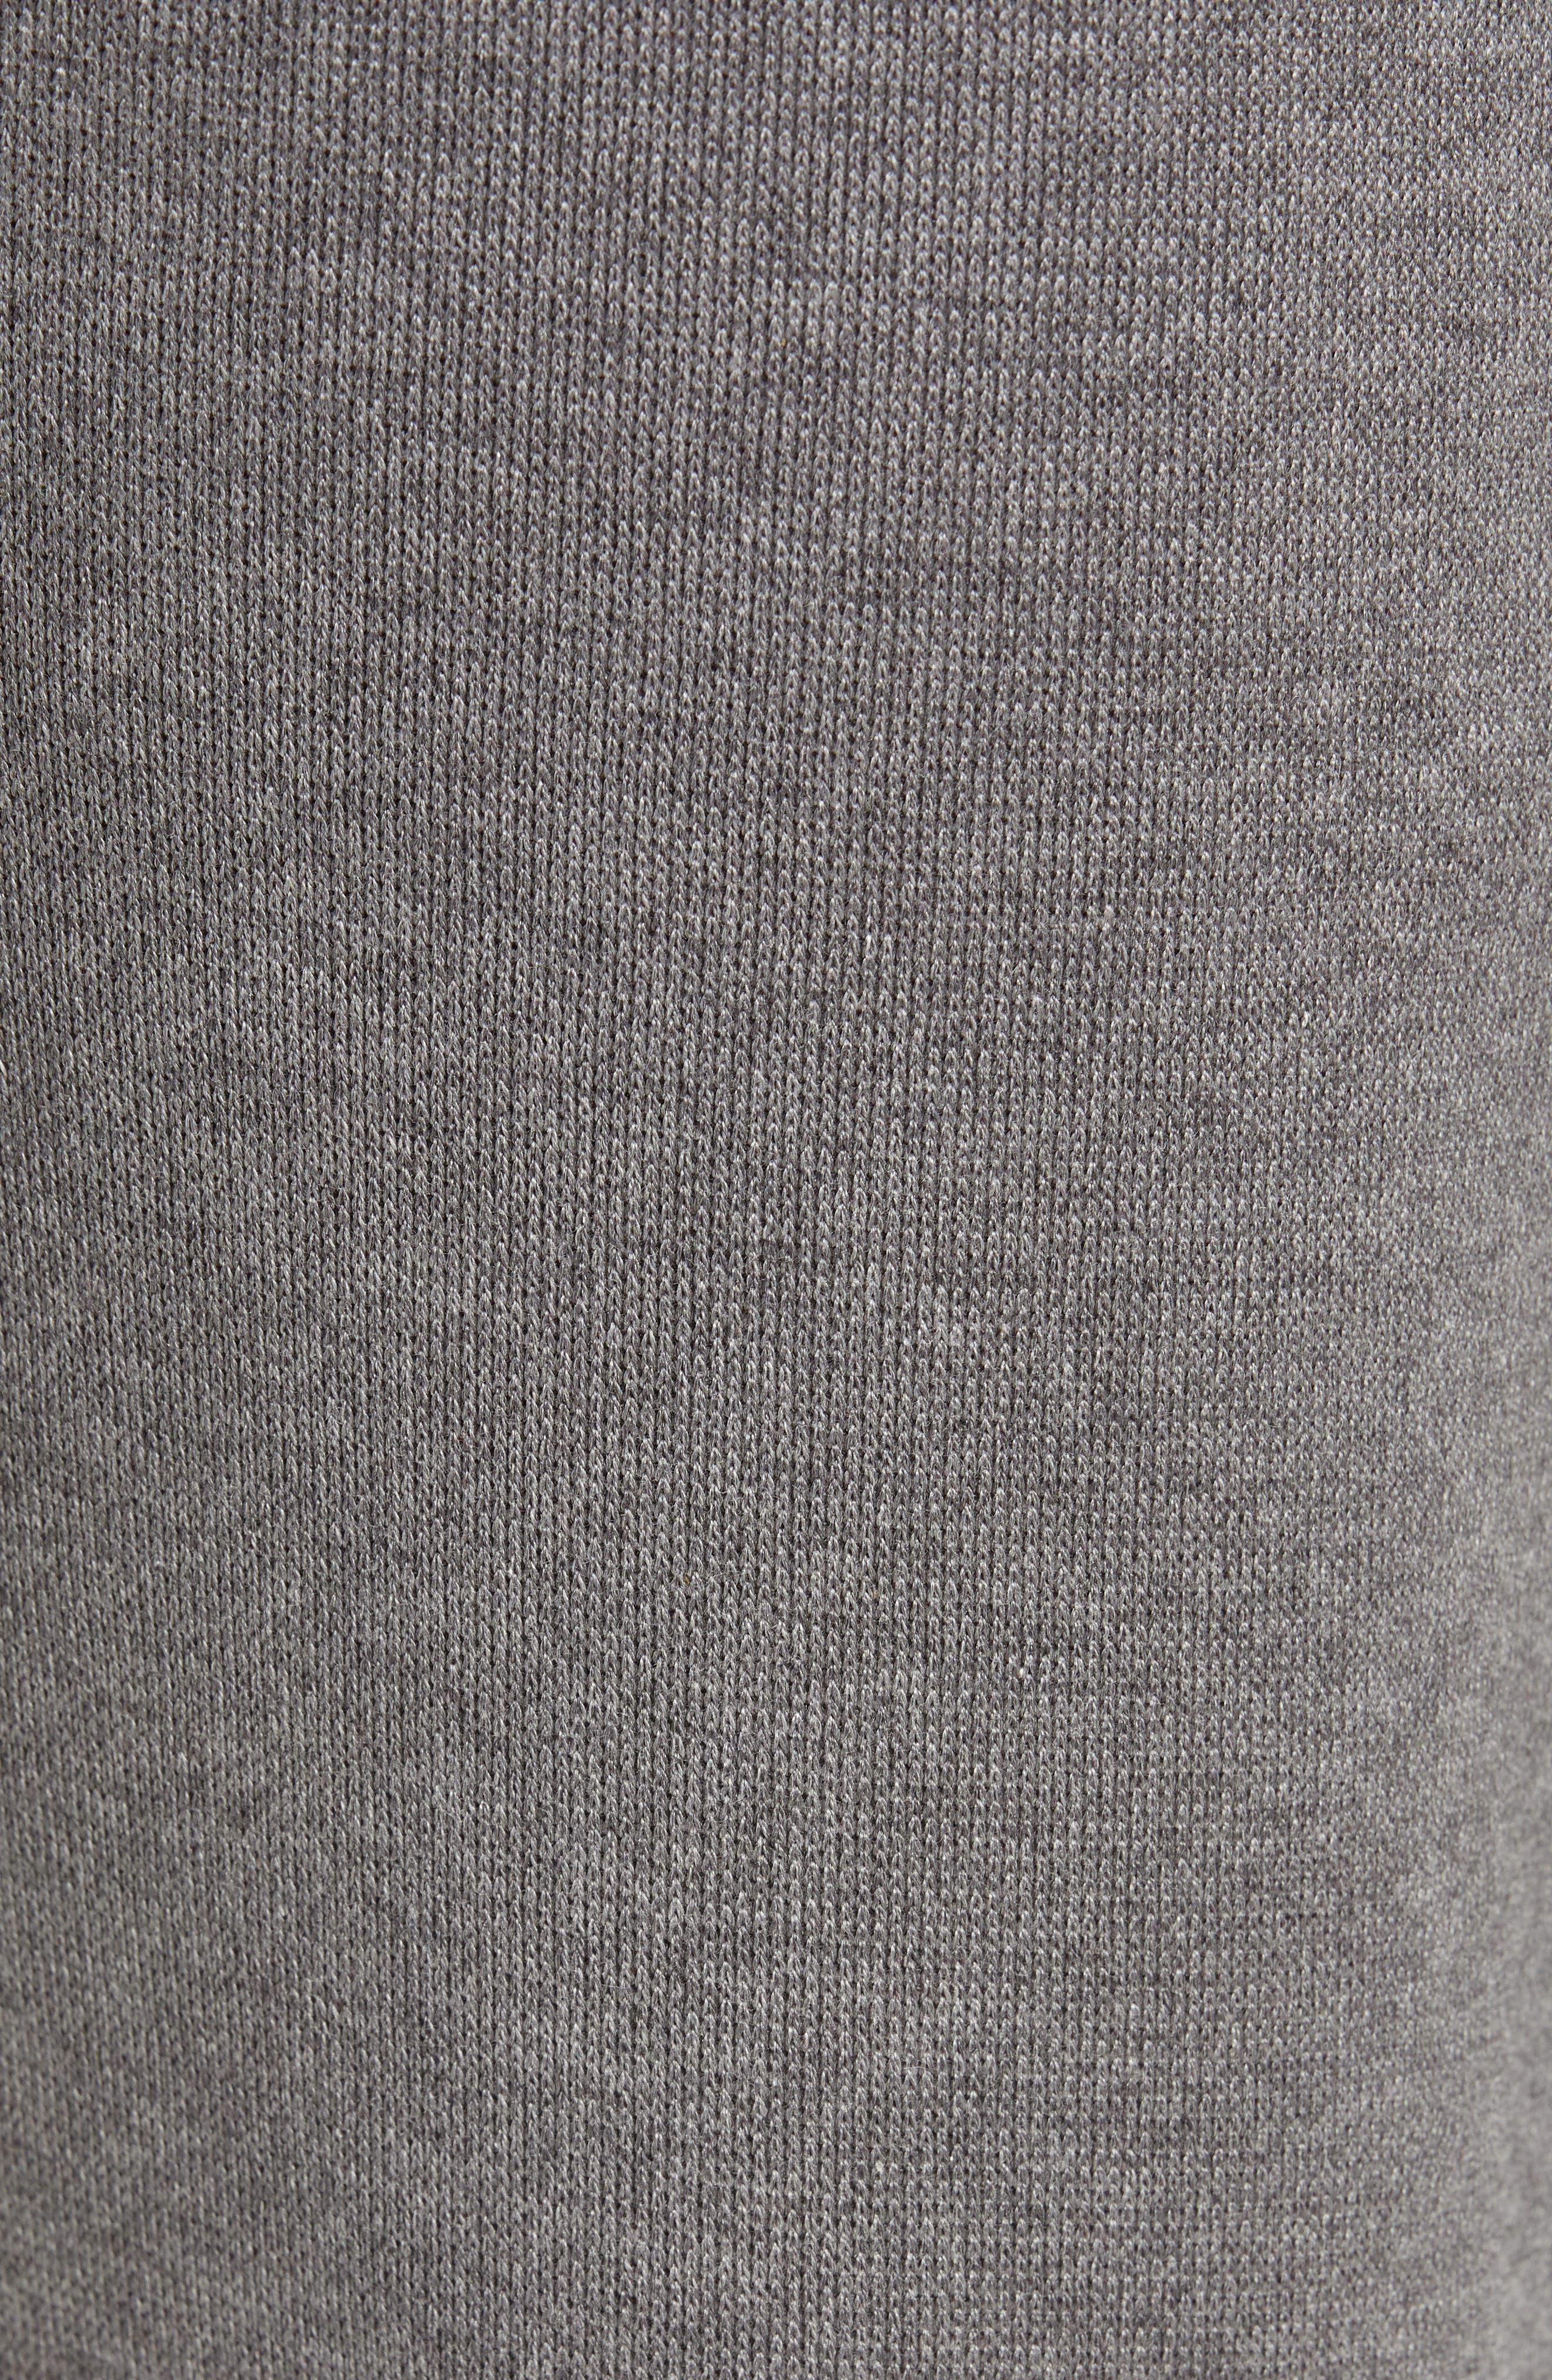 Derg Cotton Sweatpants,                             Alternate thumbnail 5, color,                             GREY